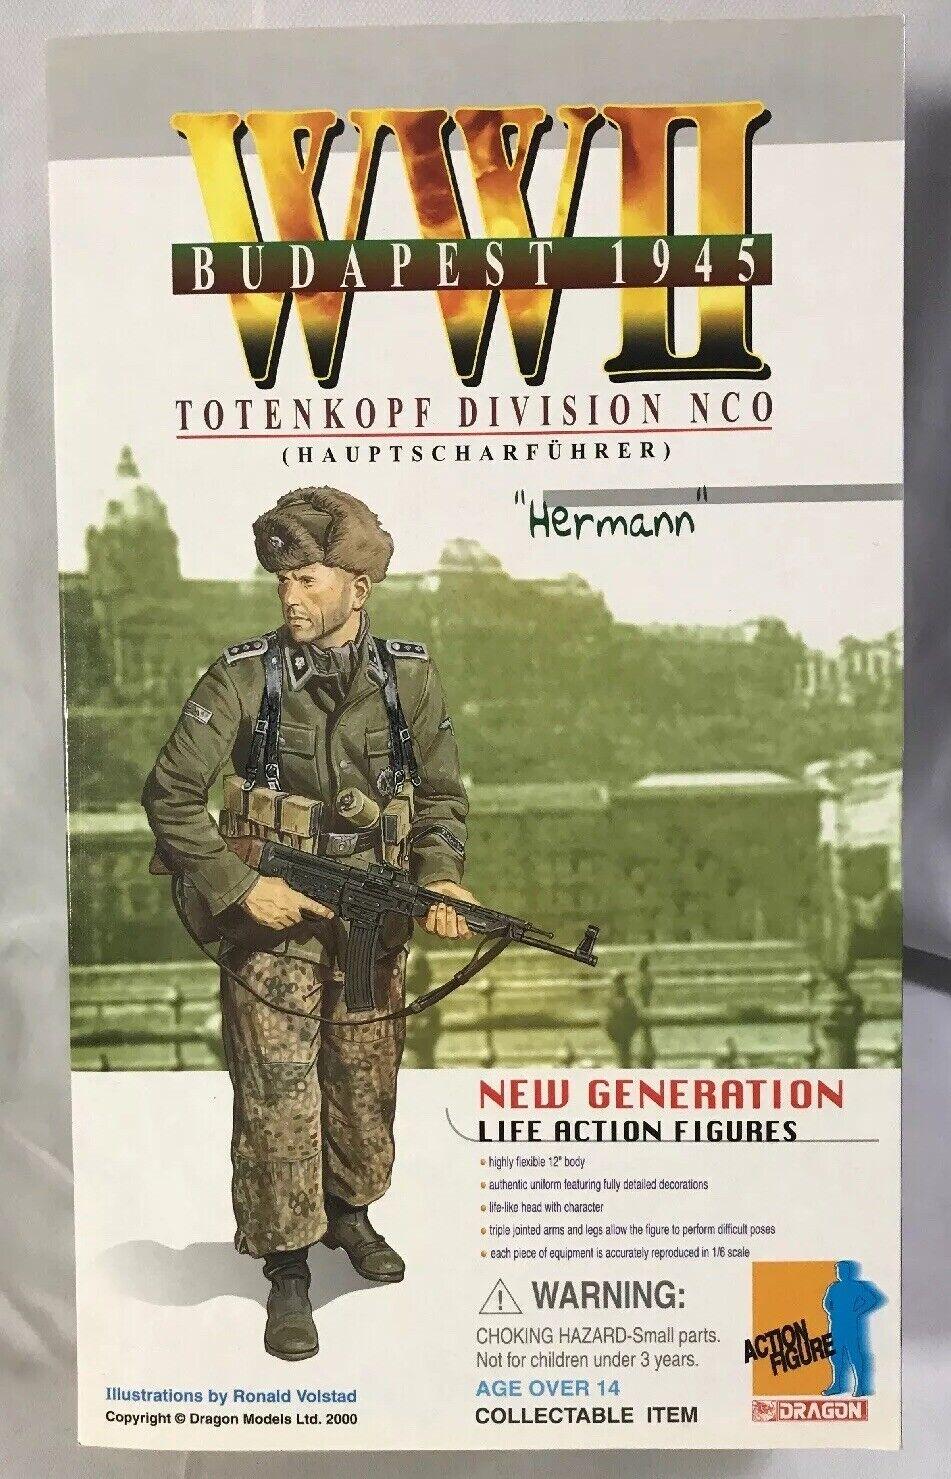 Drache Actionfigur  Zweiter Weltkrieg 1945 Totenkopf Division Nco   Hermann